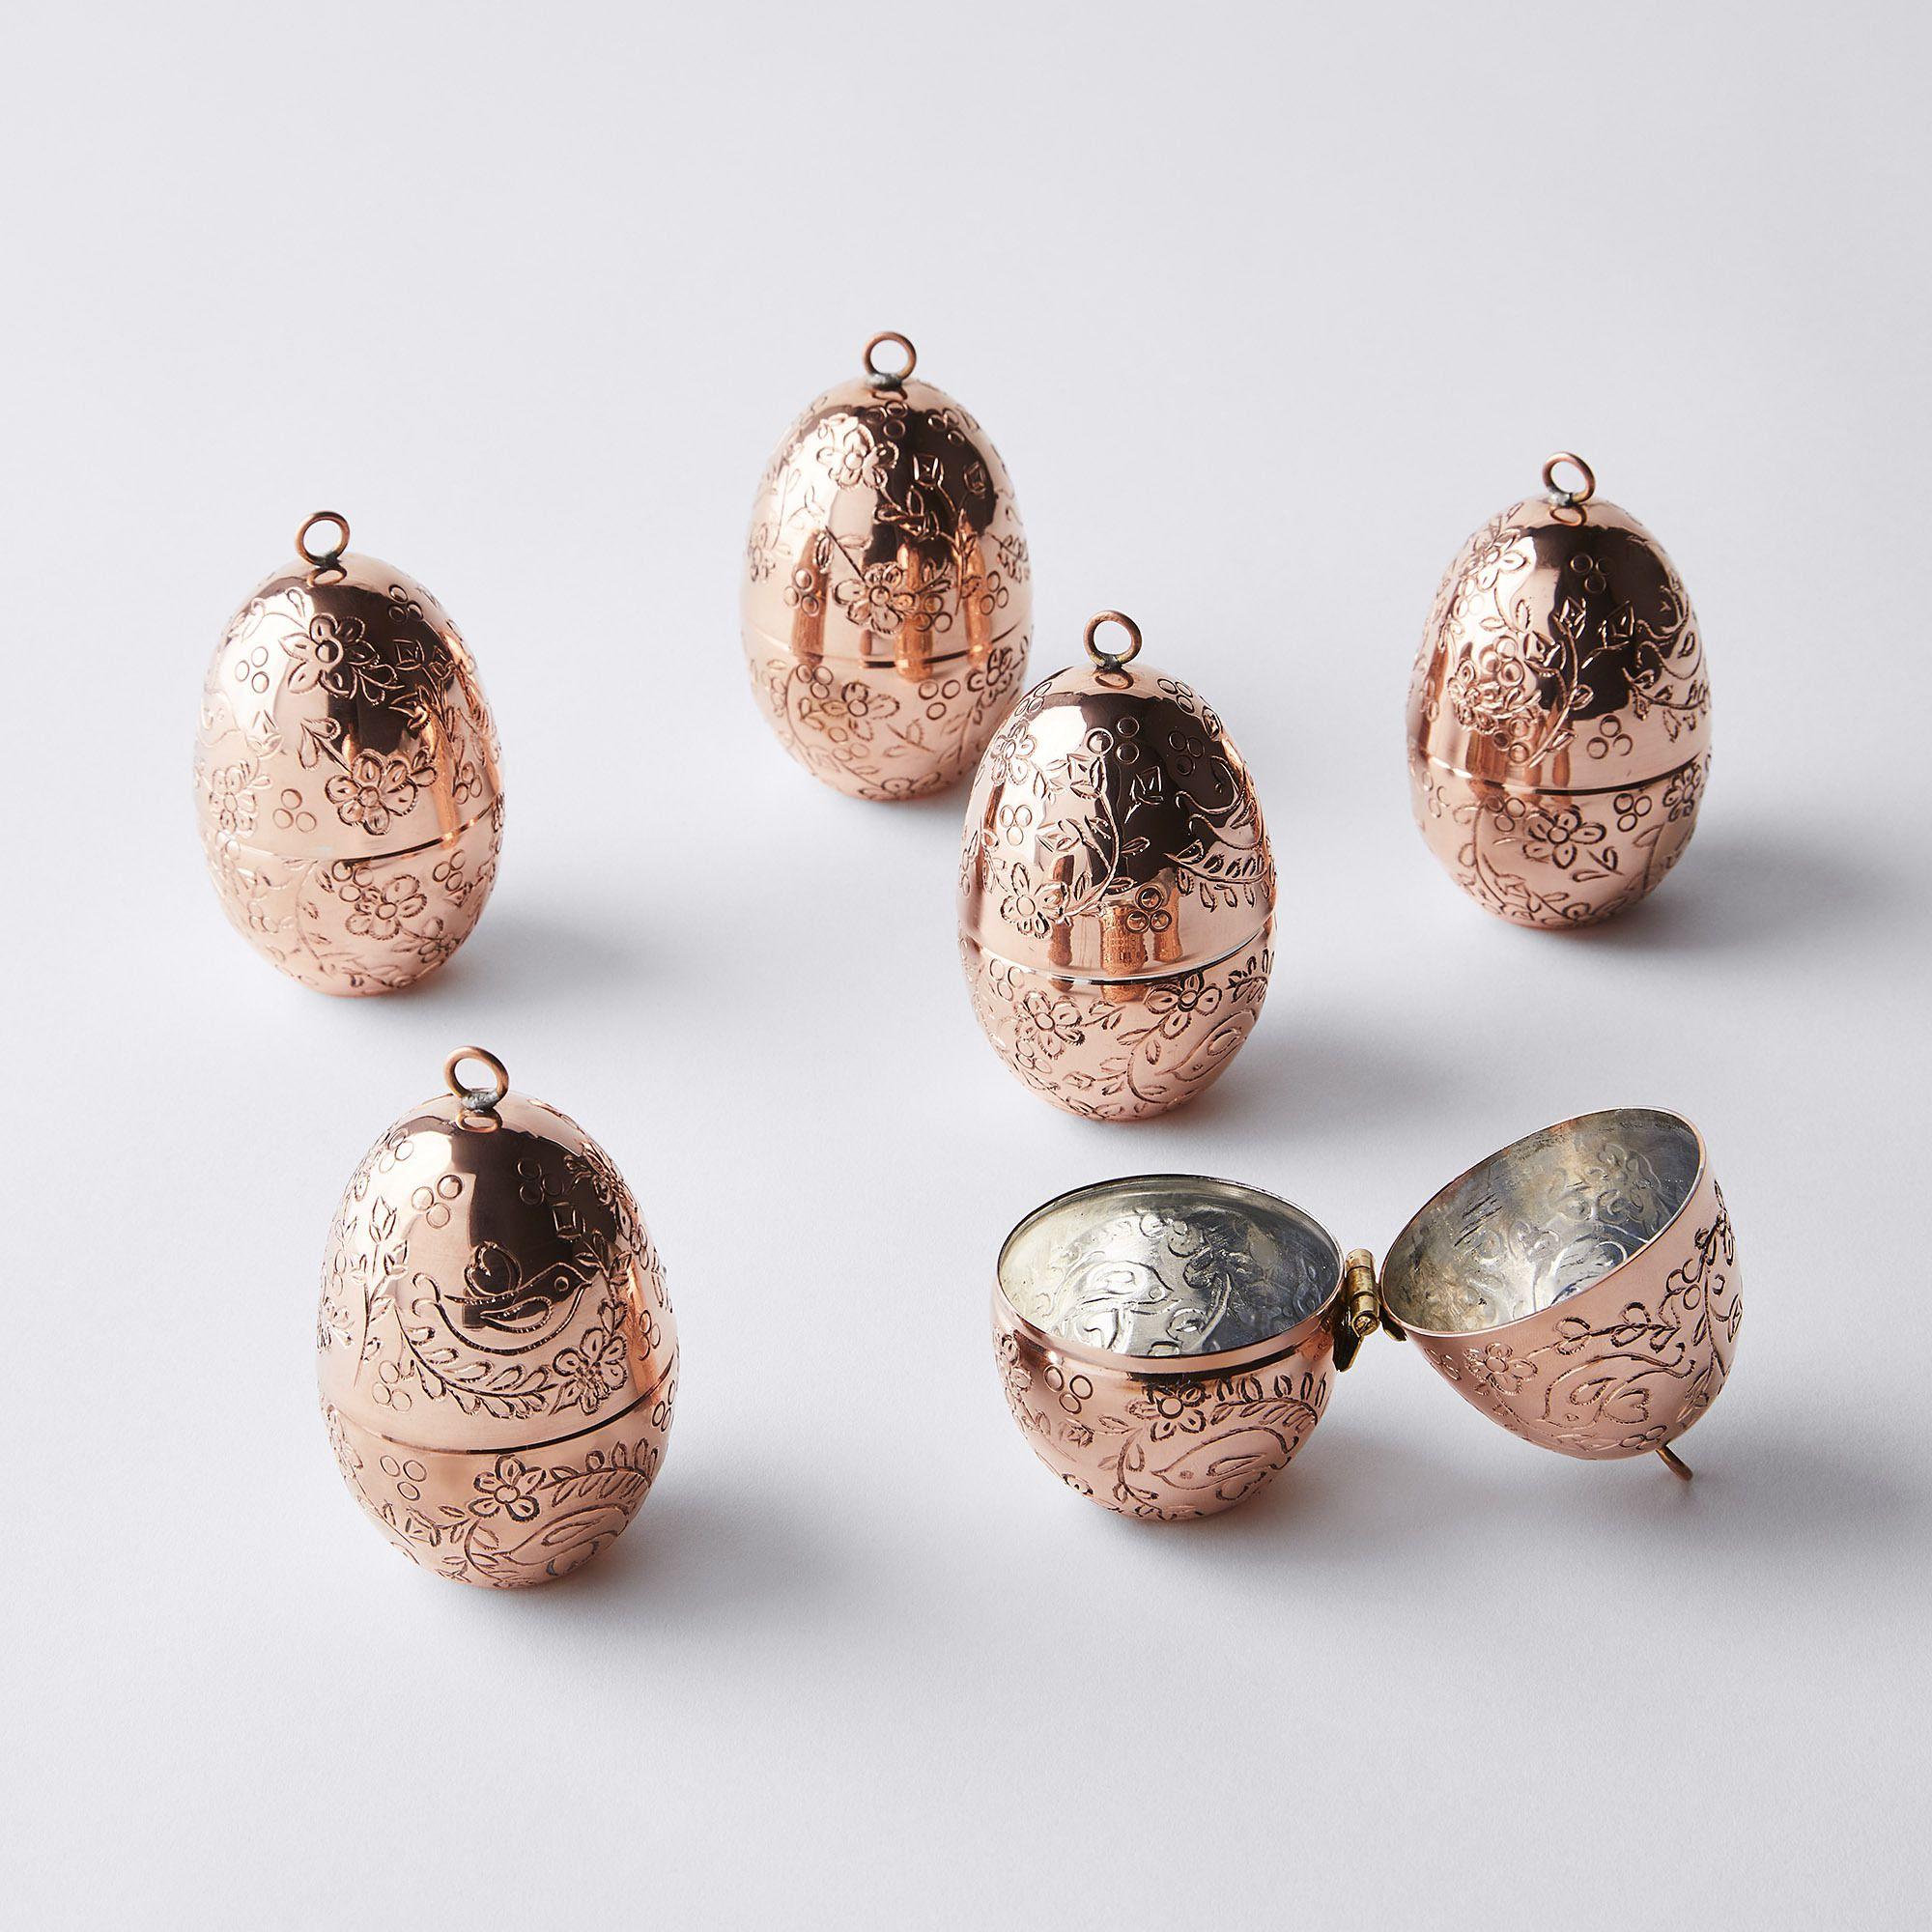 easter egg hunt by Aja Aktay